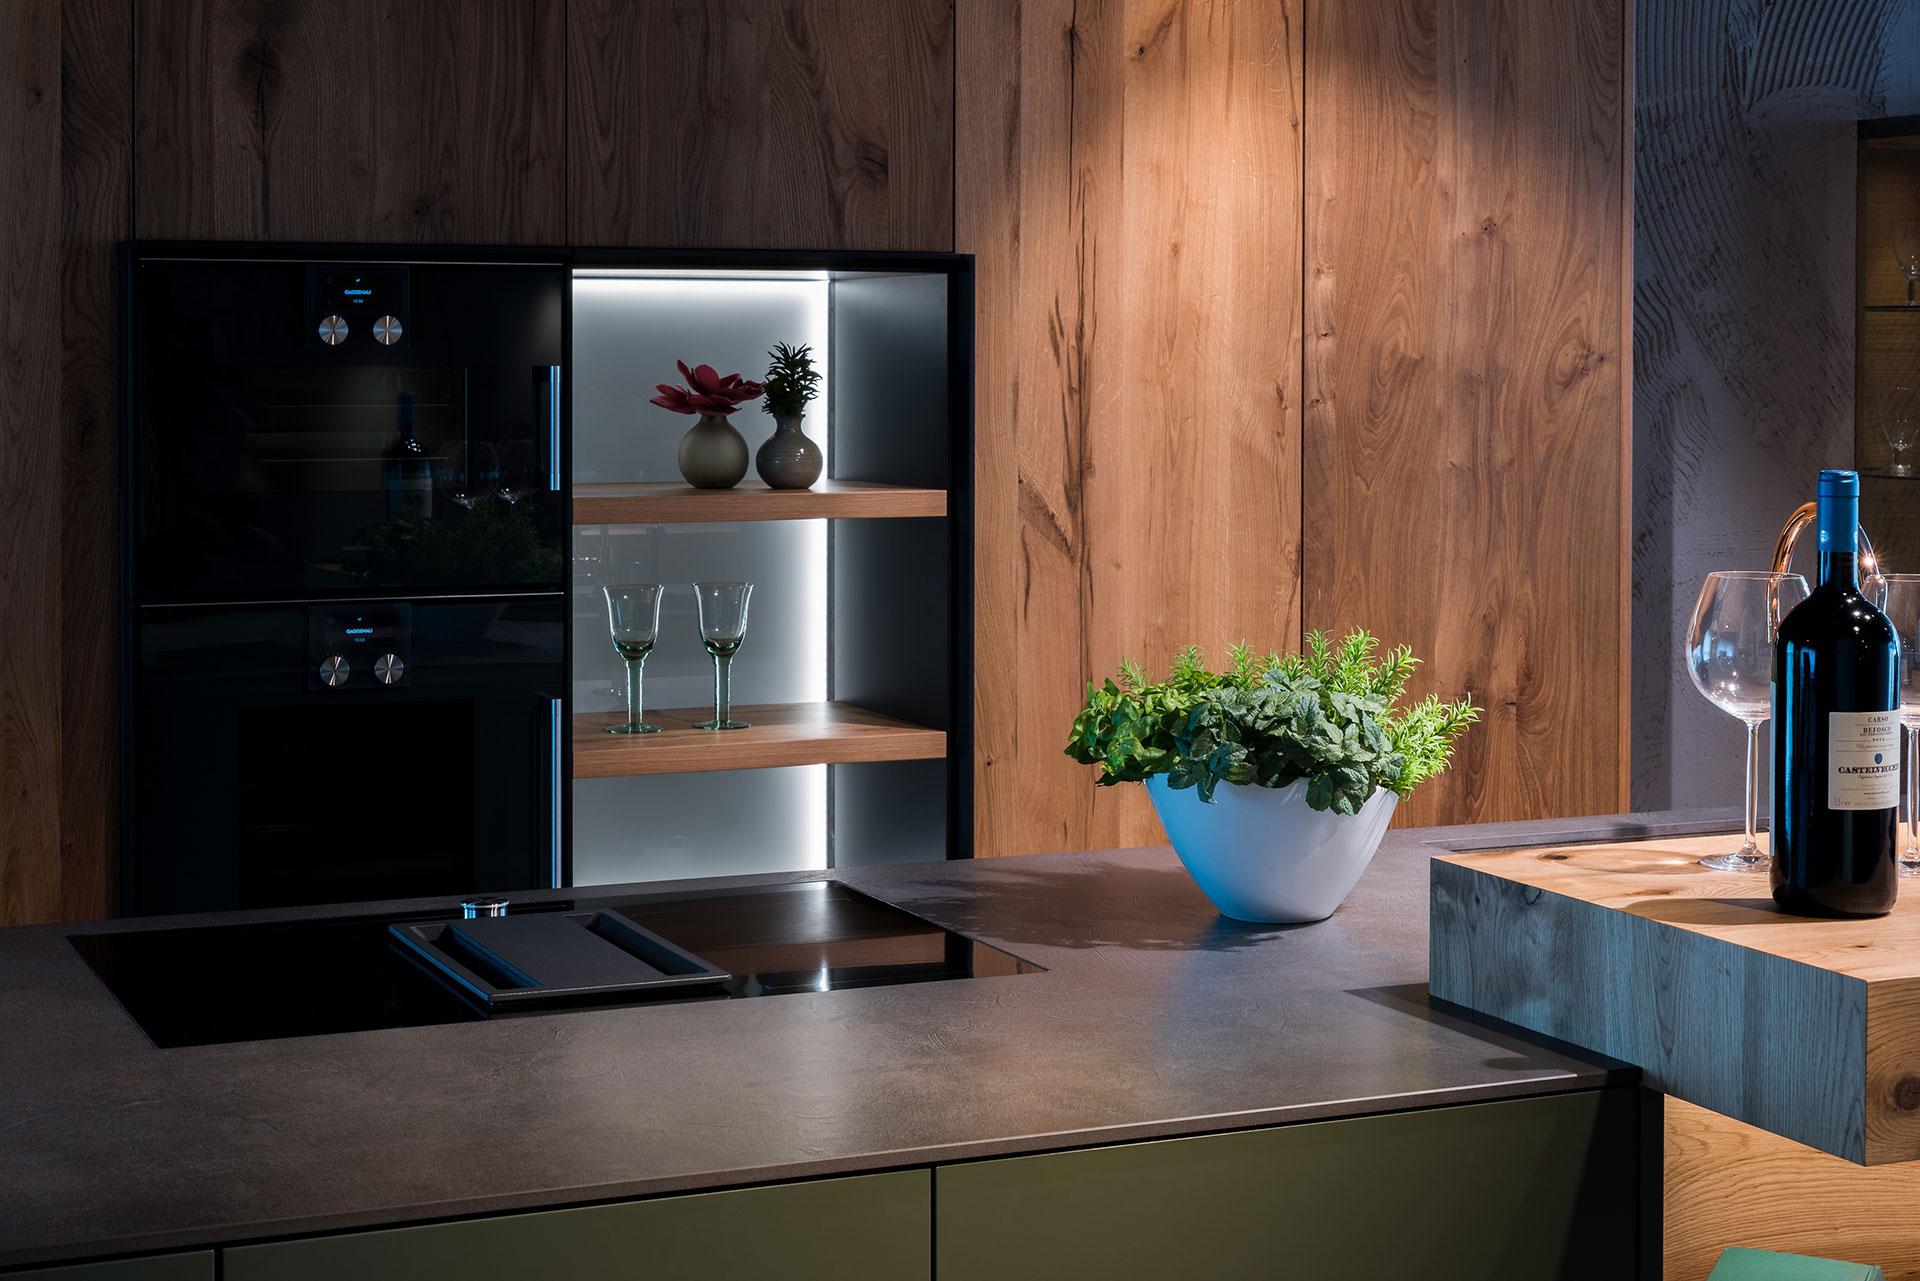 Tendances Design 2019 Les Plans De Cuisine Sapienstone Floornature